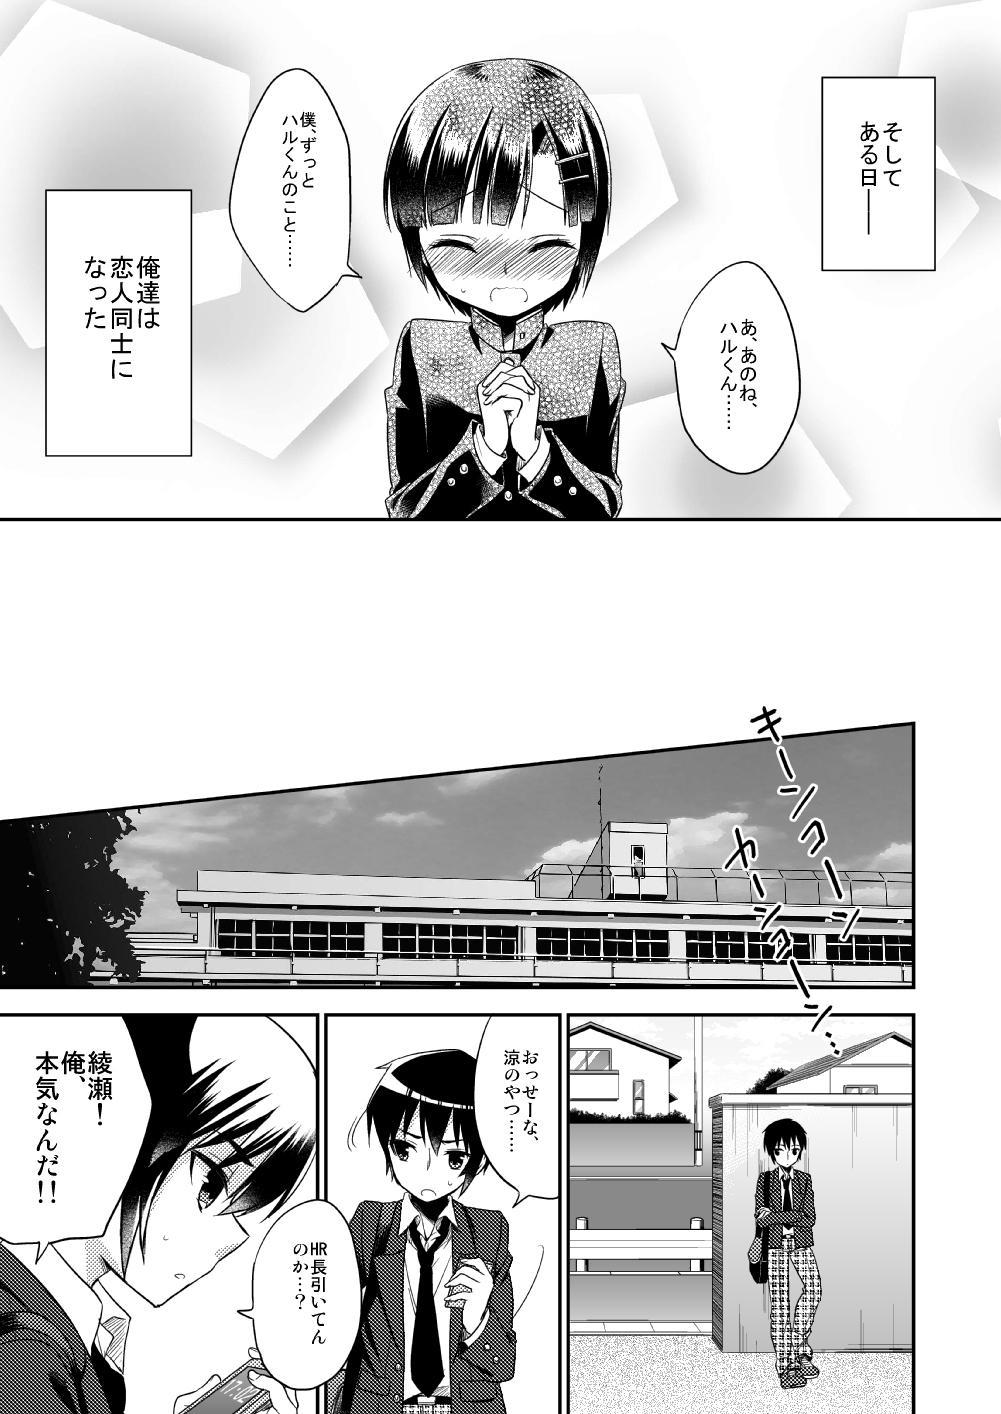 dousei hajimemashita 7